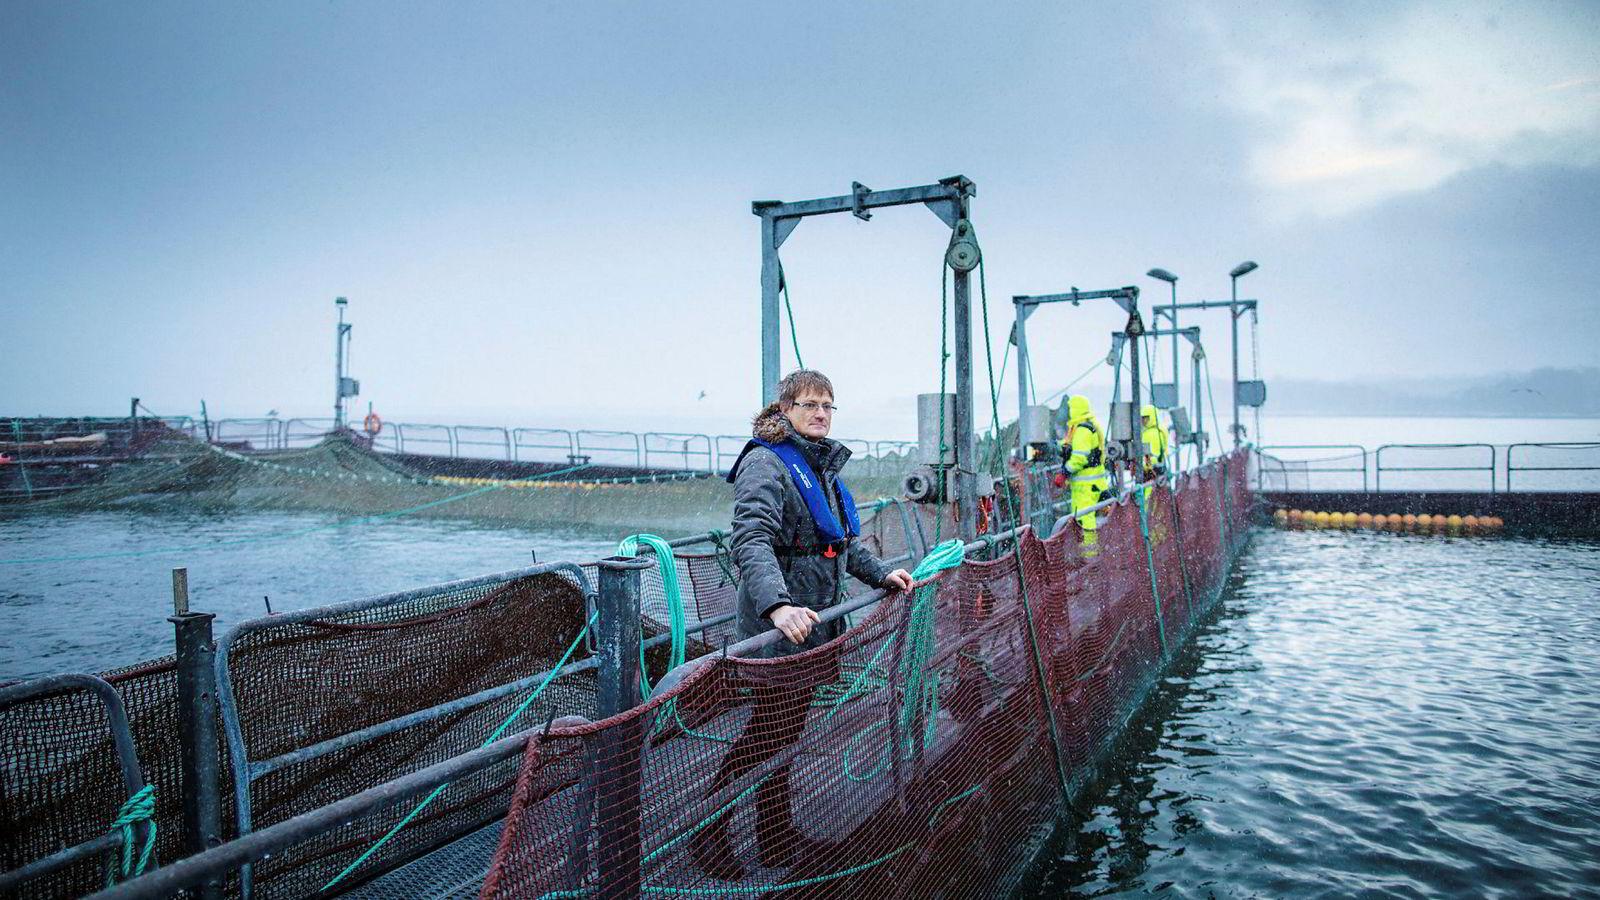 Inge Berg er gründer og eier av havbrukskonsernet Nordlaks. Datterselskapet Nordlaks Smolt fikk i starten av oktober besøk av Arbeidstilsynet som har gitt selskapet varsel om fem pålegg.